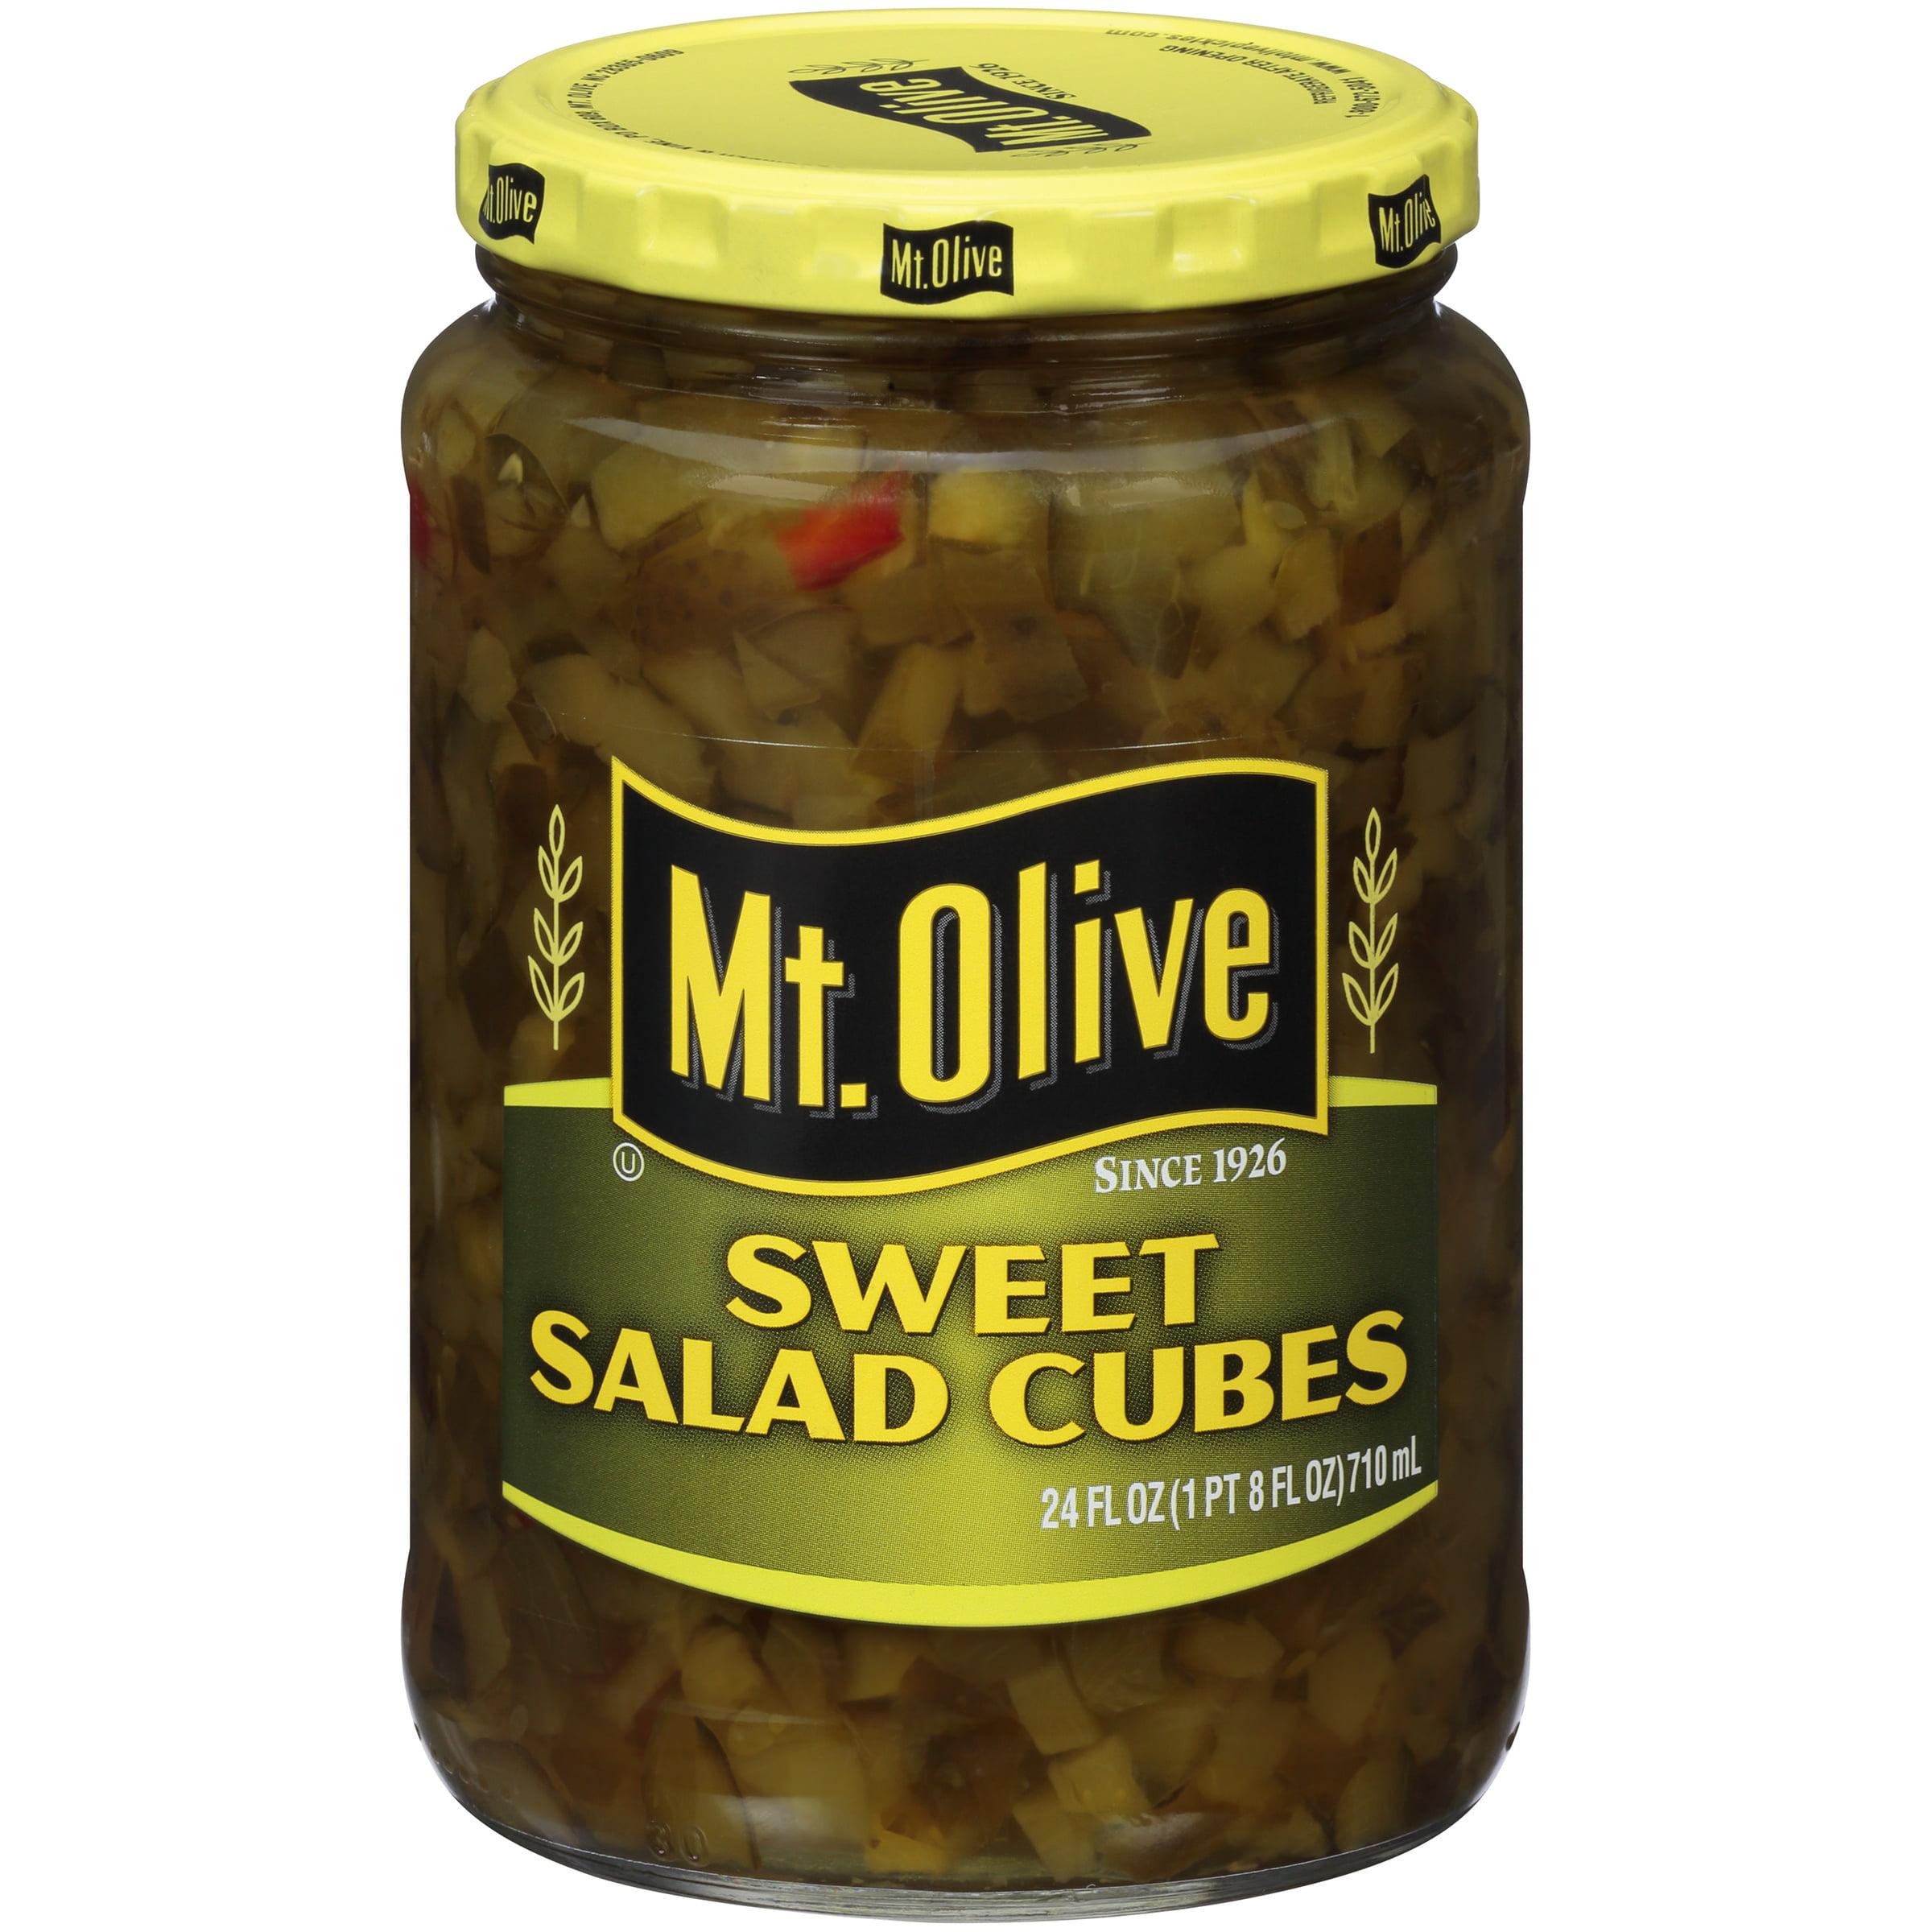 Mt. Olive Sweet Salad Cubes, 24 oz - Walmart.com